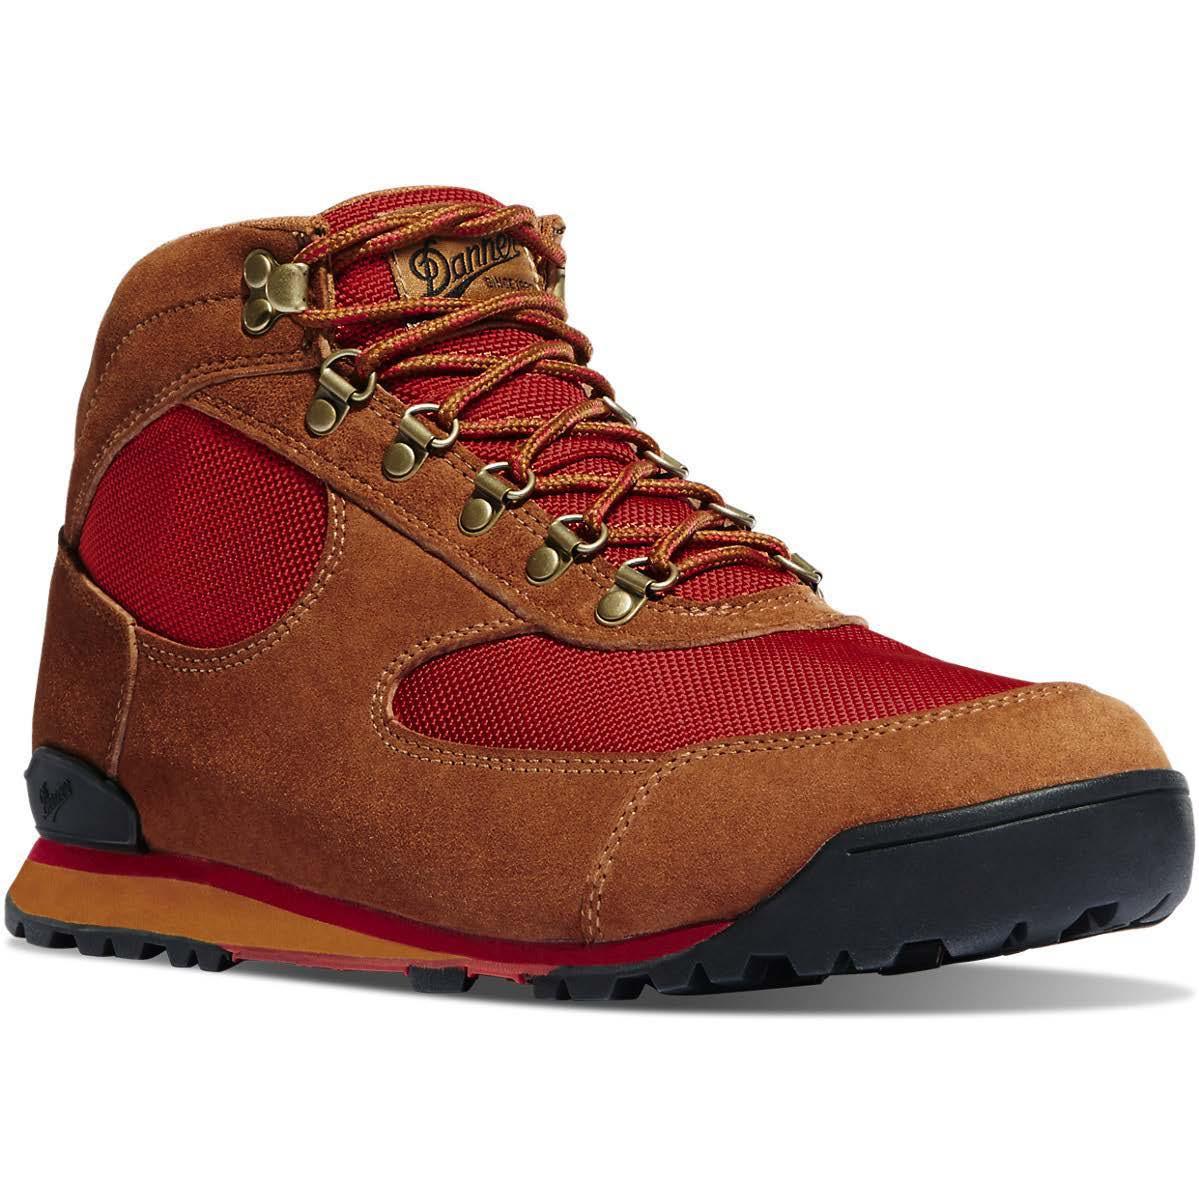 8c7750661bb Danner Men's Jag Major Brown/Bossa Nova Outdoor Boot Style No. 37392